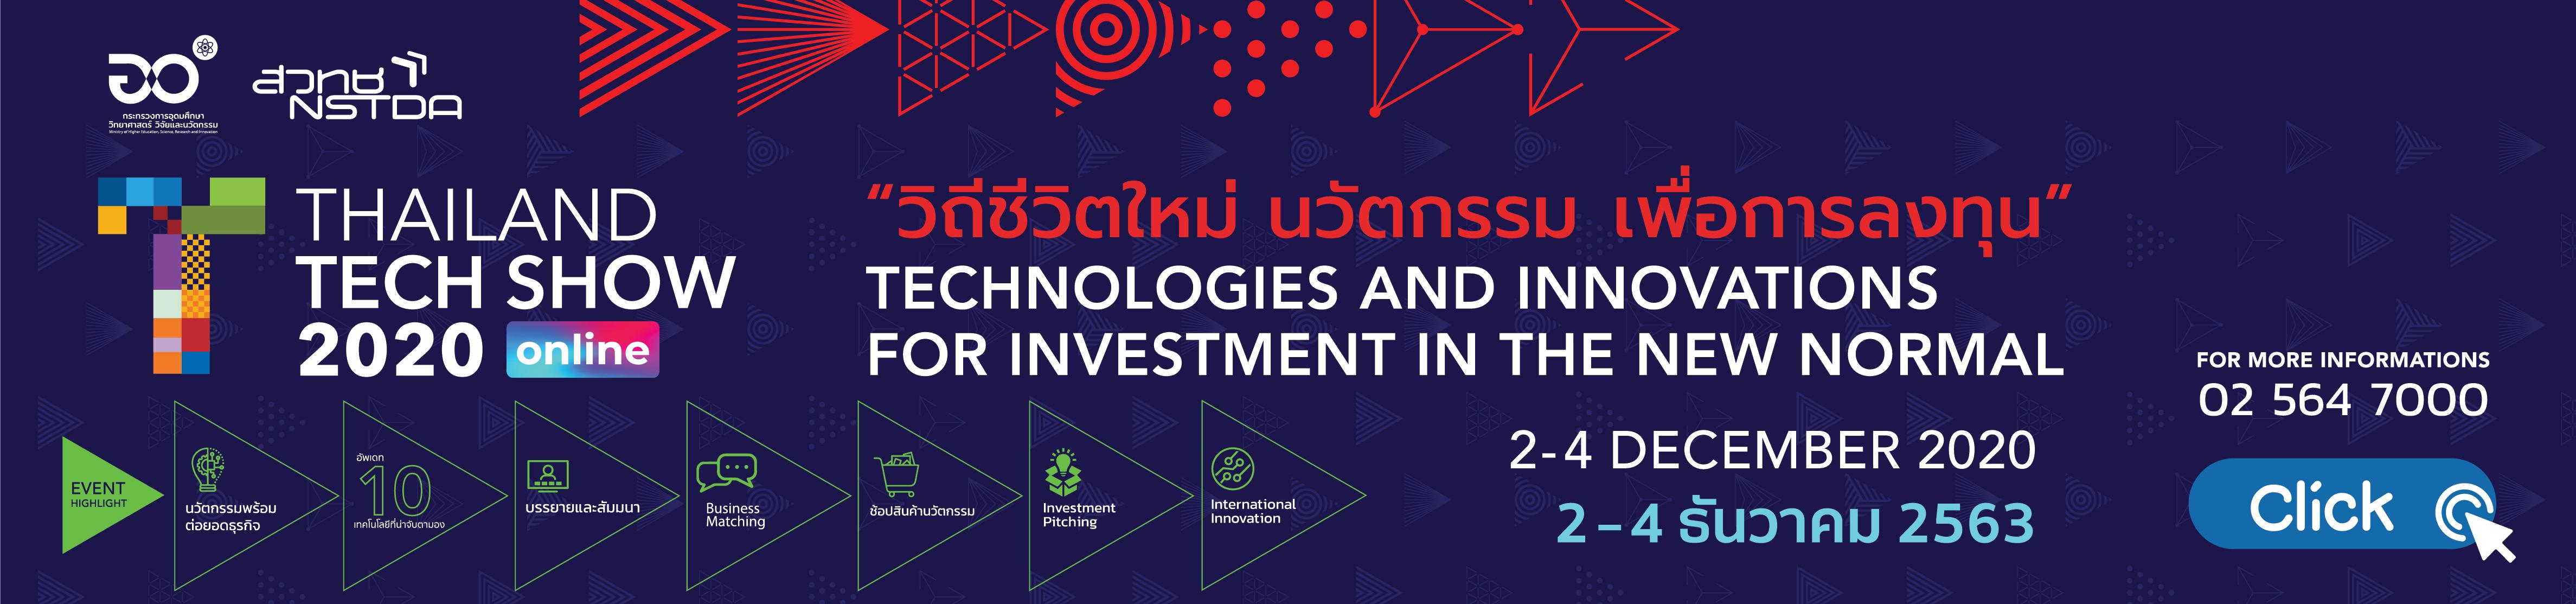 thailand-techshow-2020